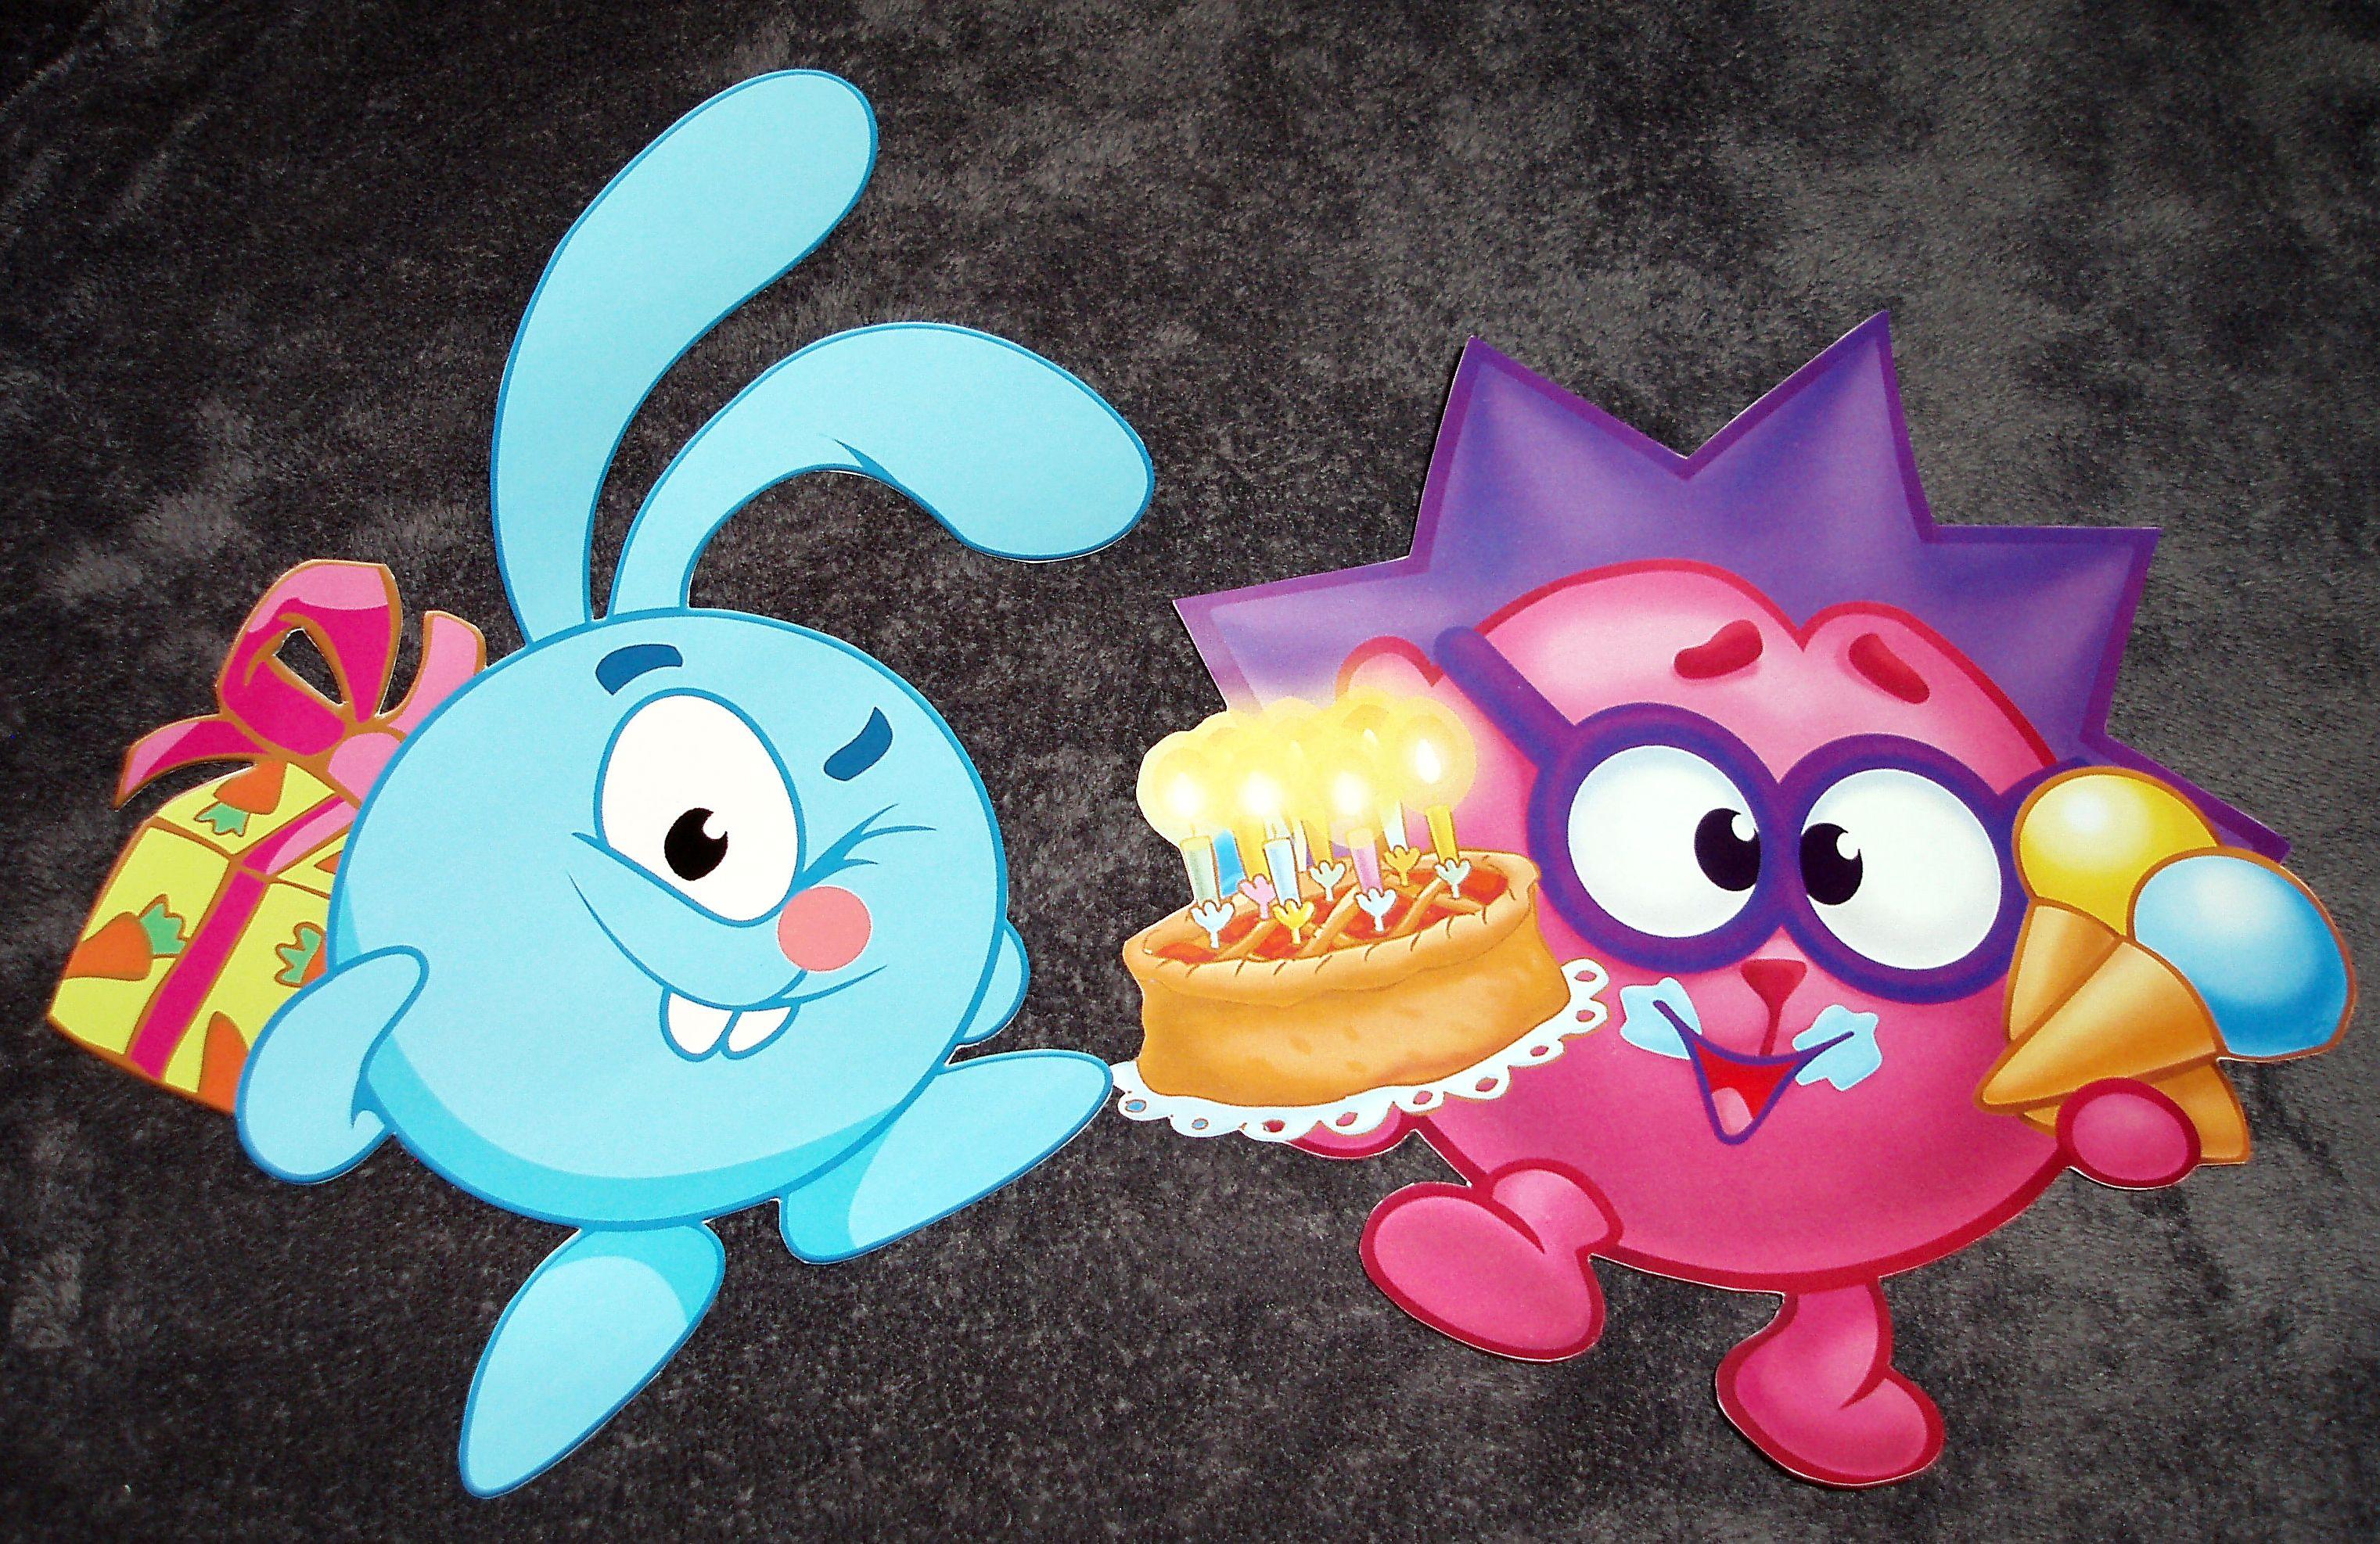 Картинки с днем рождения смешарики, акварельным фоном открытка